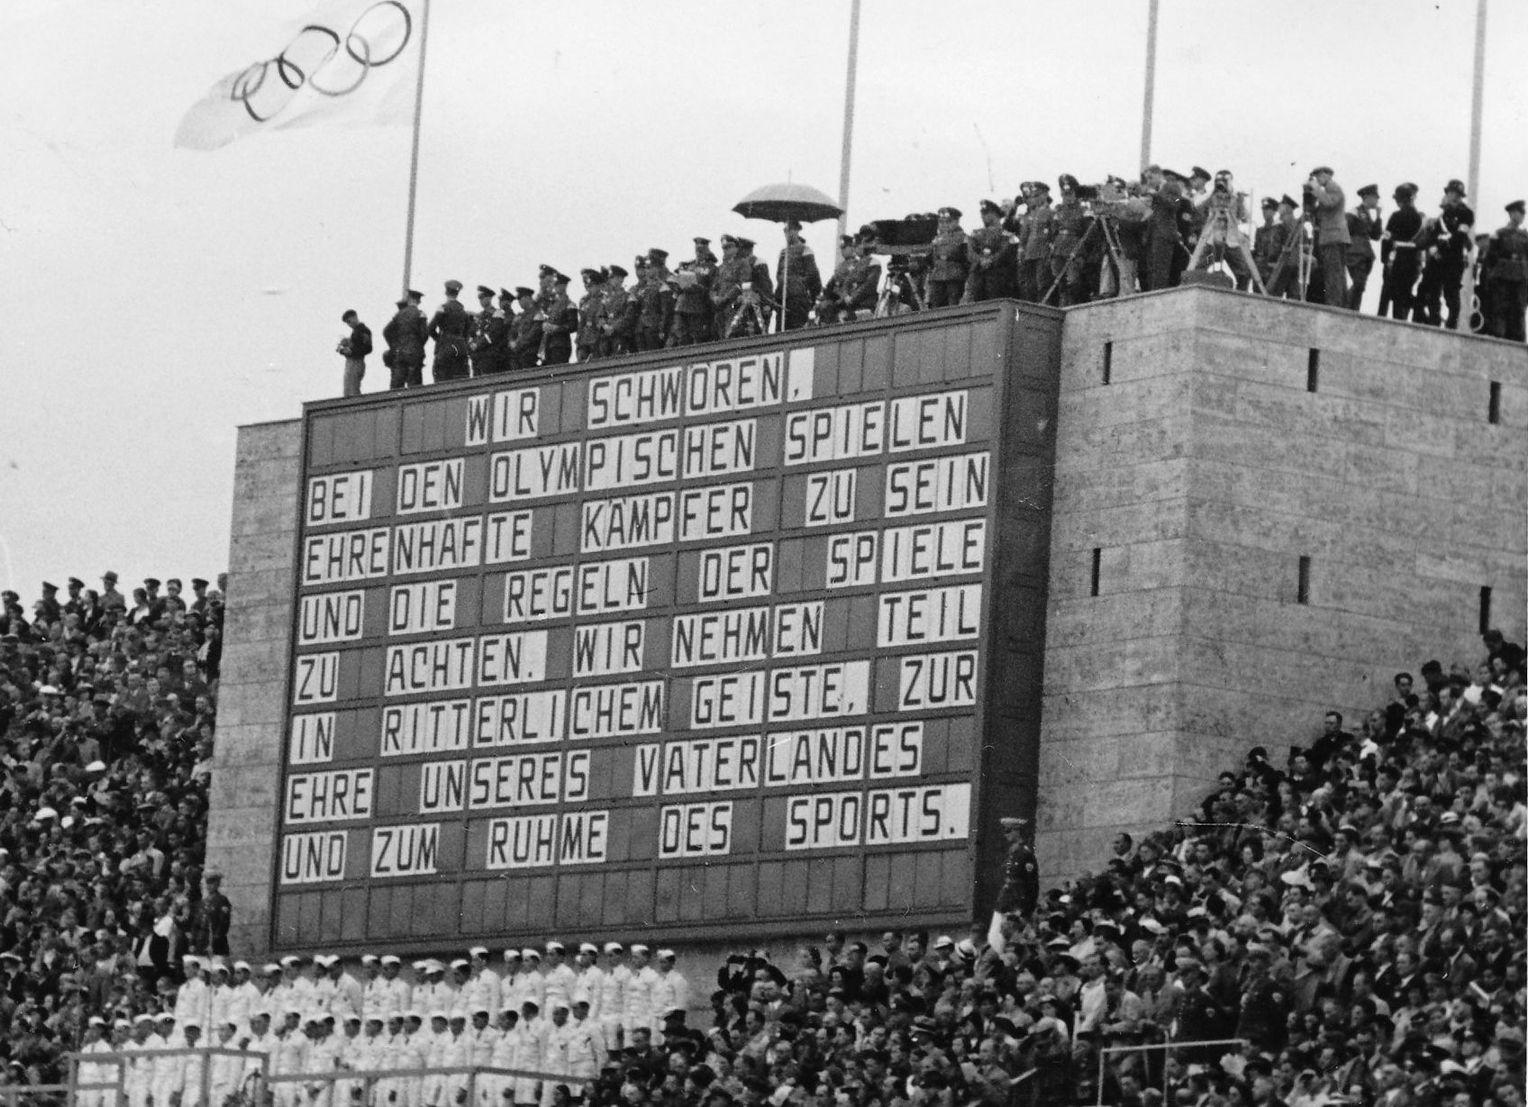 Olympische Spiele 1936 In Berlin Schnappschusse Hinter Den Kulissen Der Spiegel